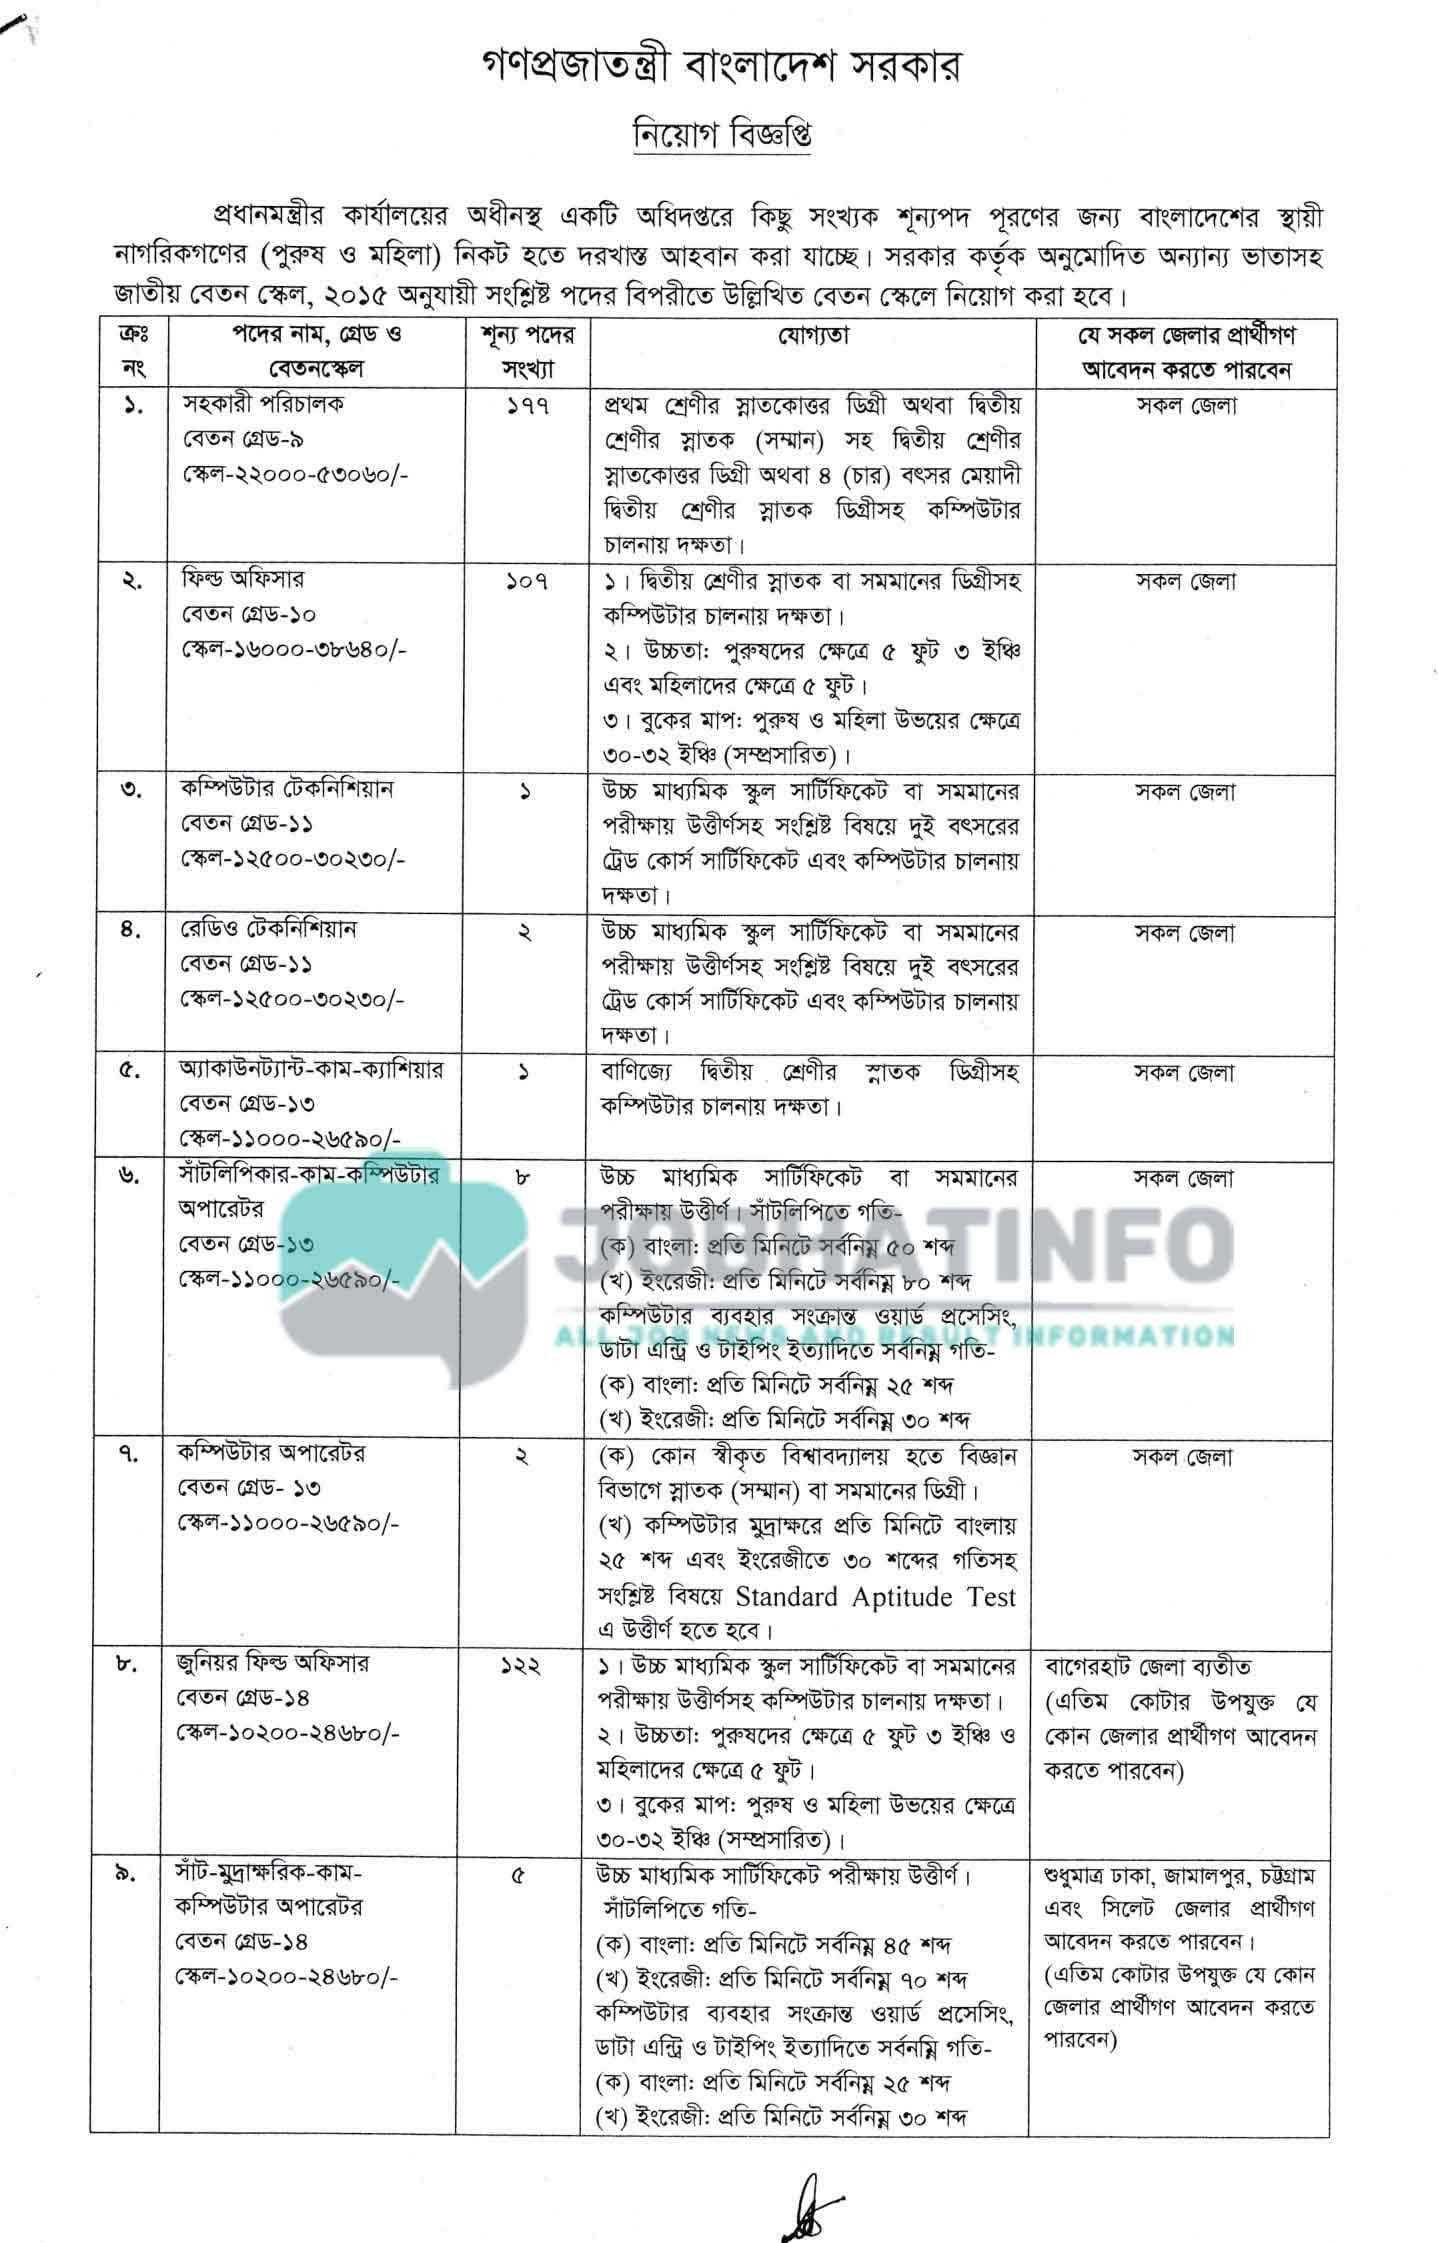 NSI Job Circular 2021 | Govt Job Circular | nsi.teletalk.com.bd 1